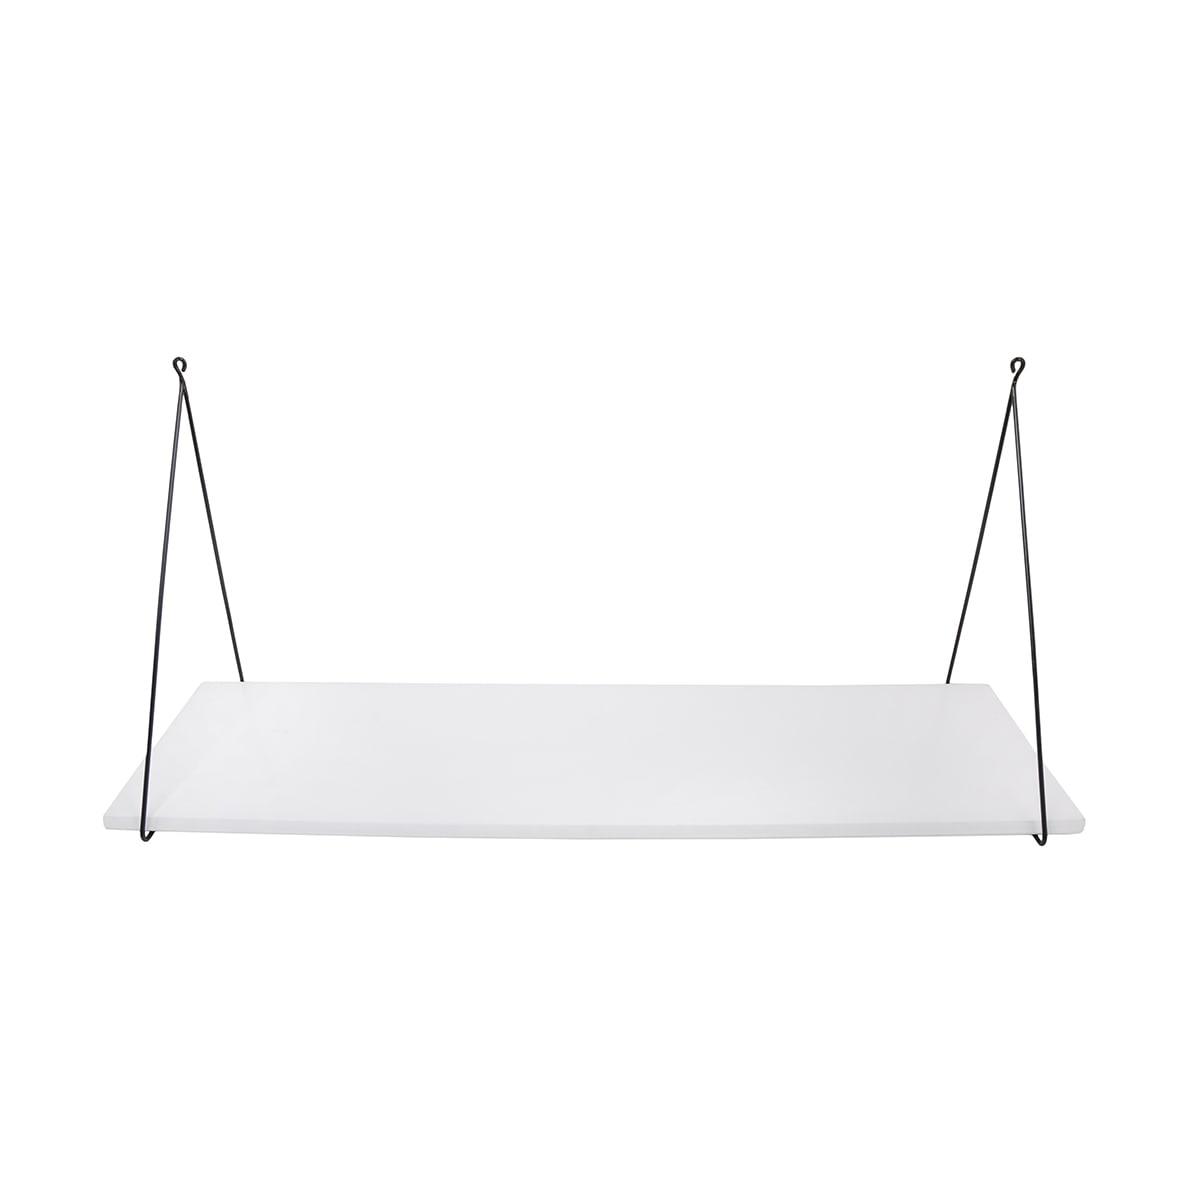 Babou 1 Shelf White